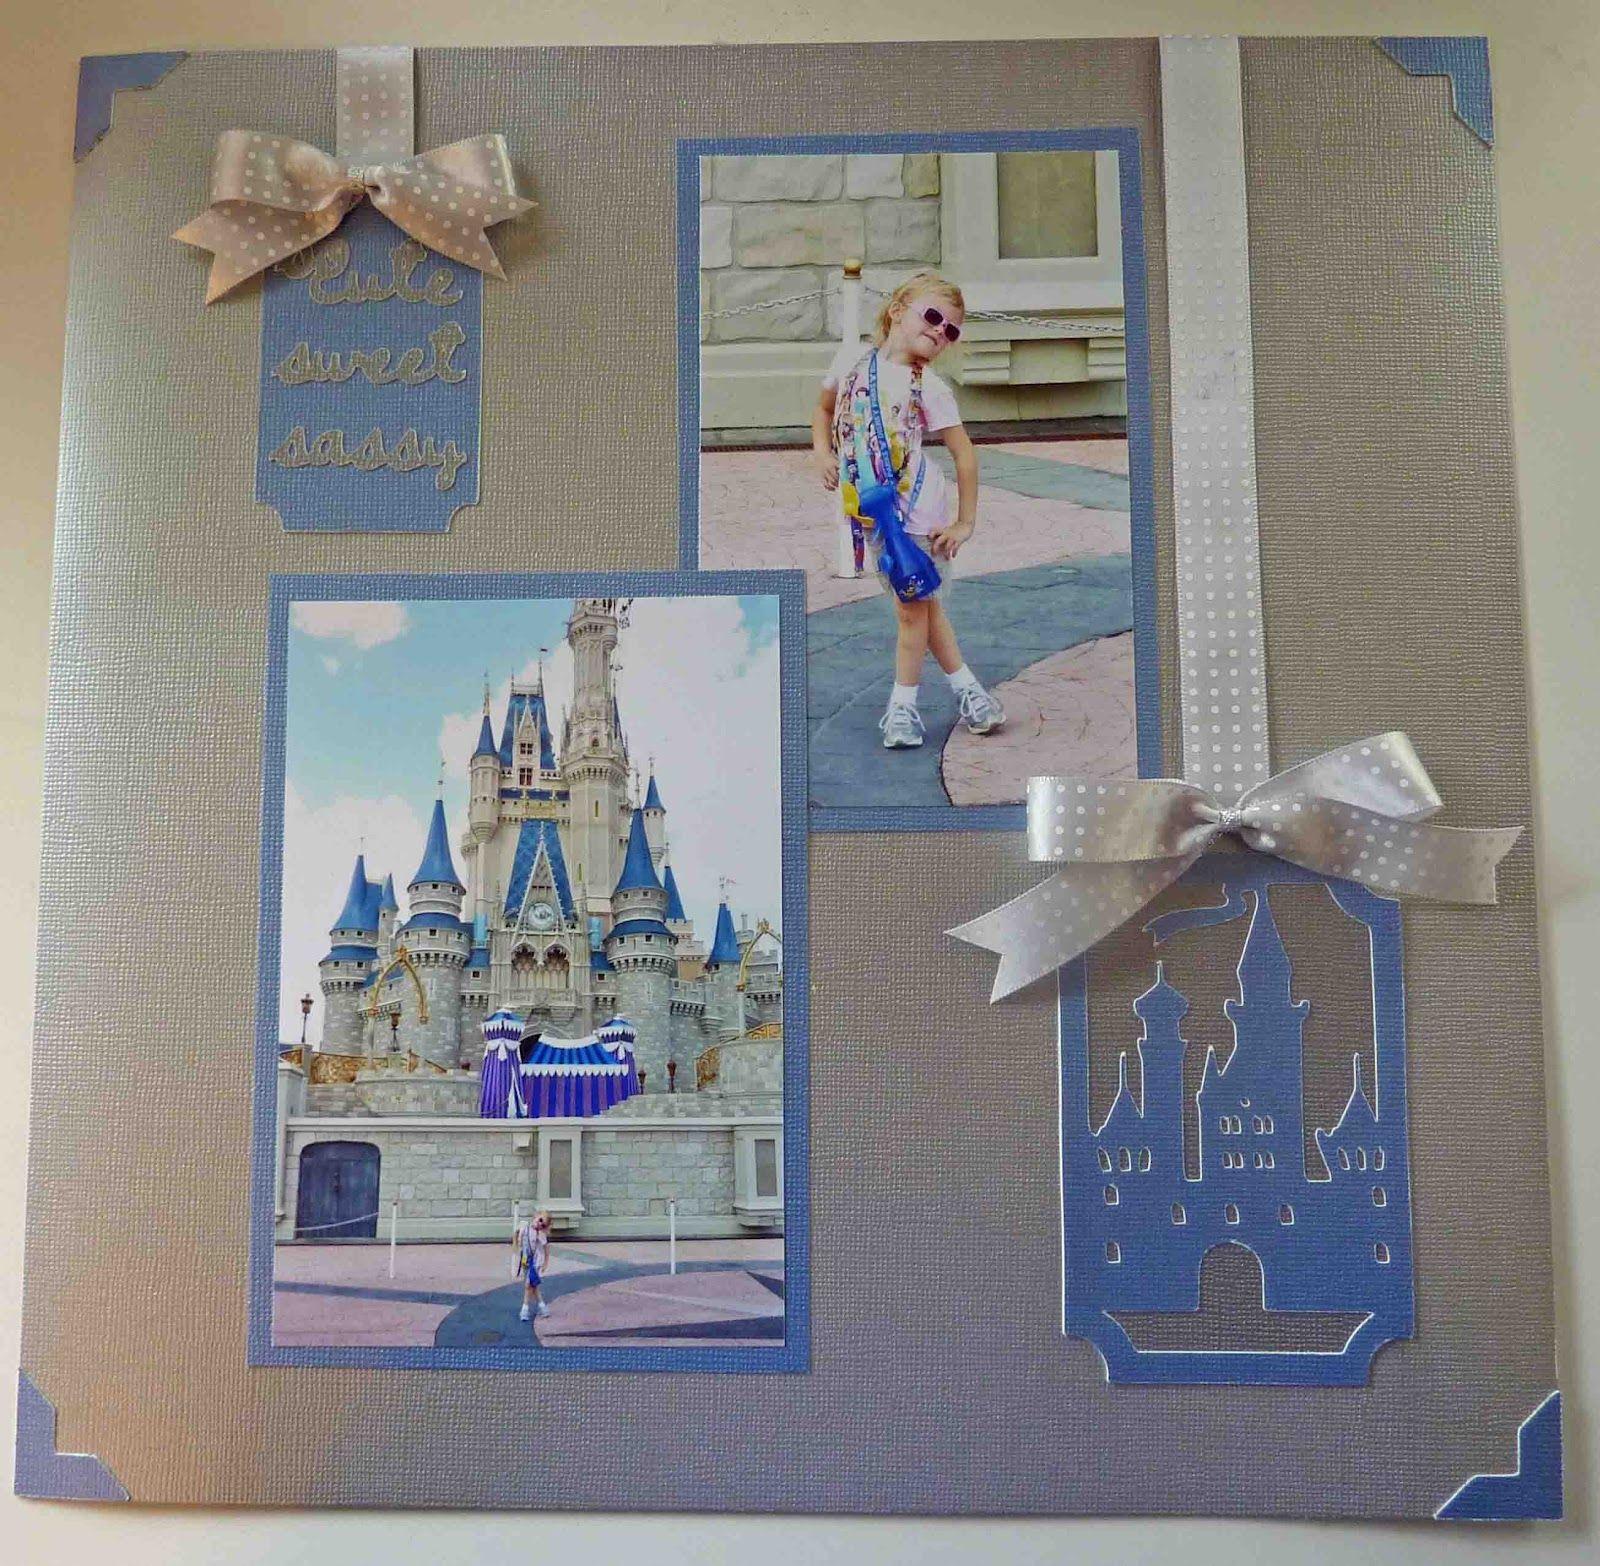 Scrapbook ideas using cricut - Cinderella S Castle Layout Using Wrap It Up Cricut Cartridge